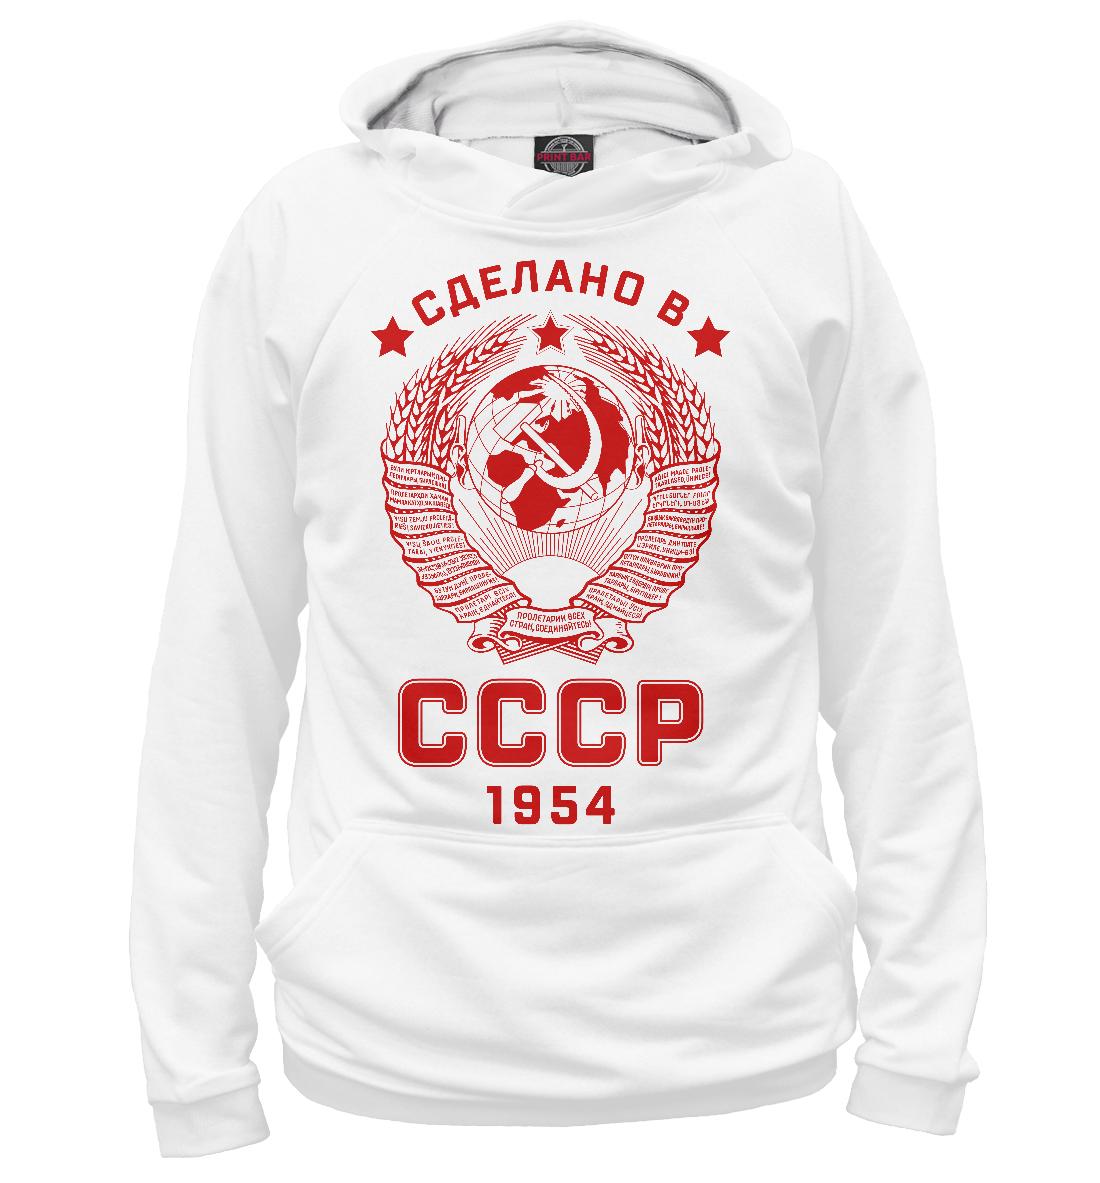 Купить Сделано в СССР - 1954, Printbar, Худи, RZP-602538-hud-1